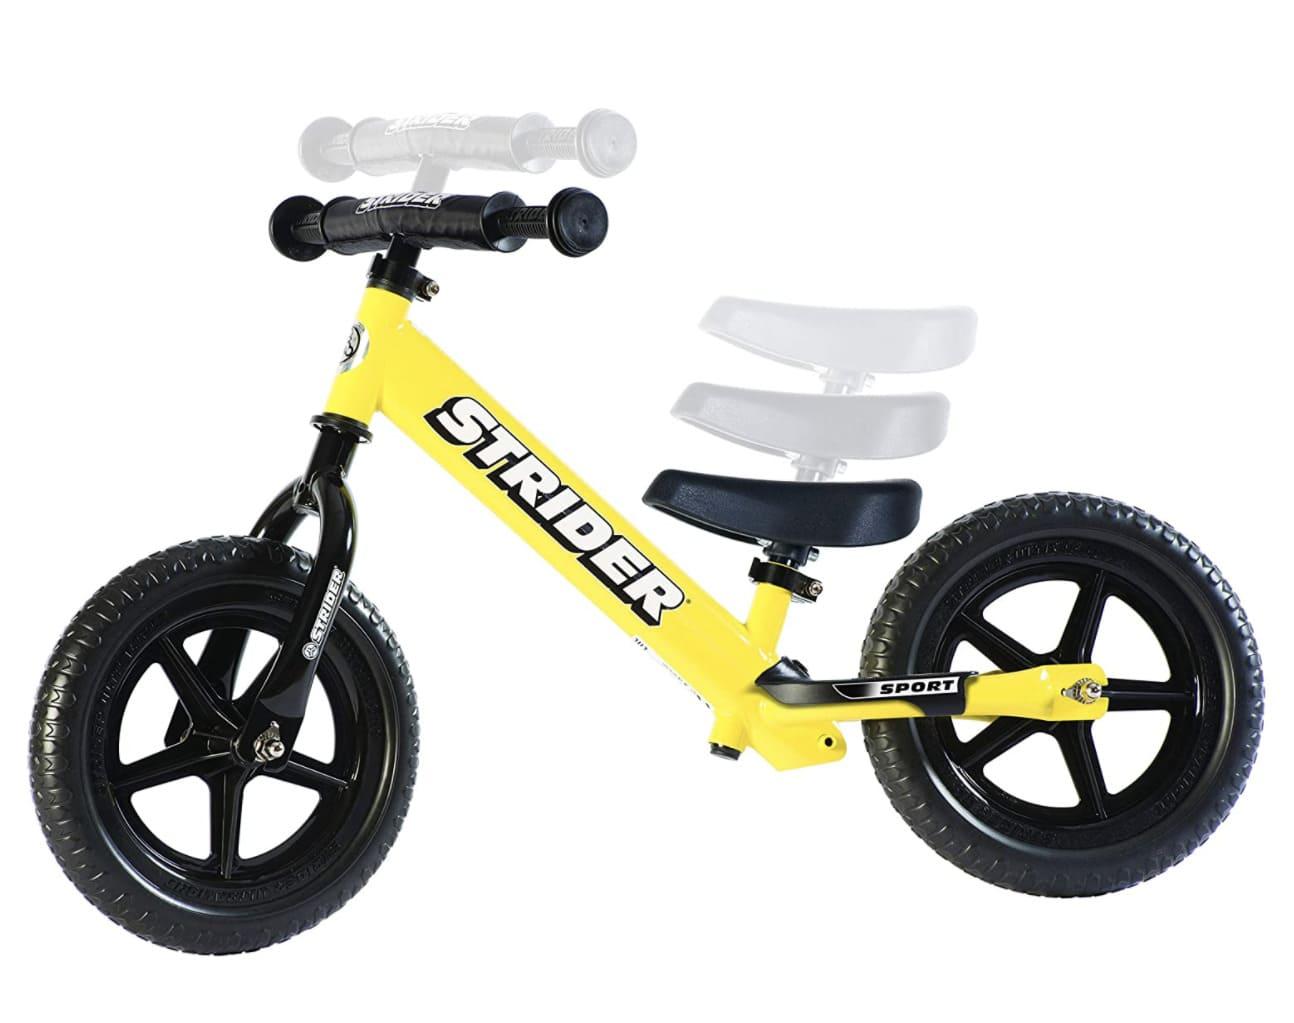 Niña muy pequeña conduciendo su bicicleta sin pedales Strider Sport